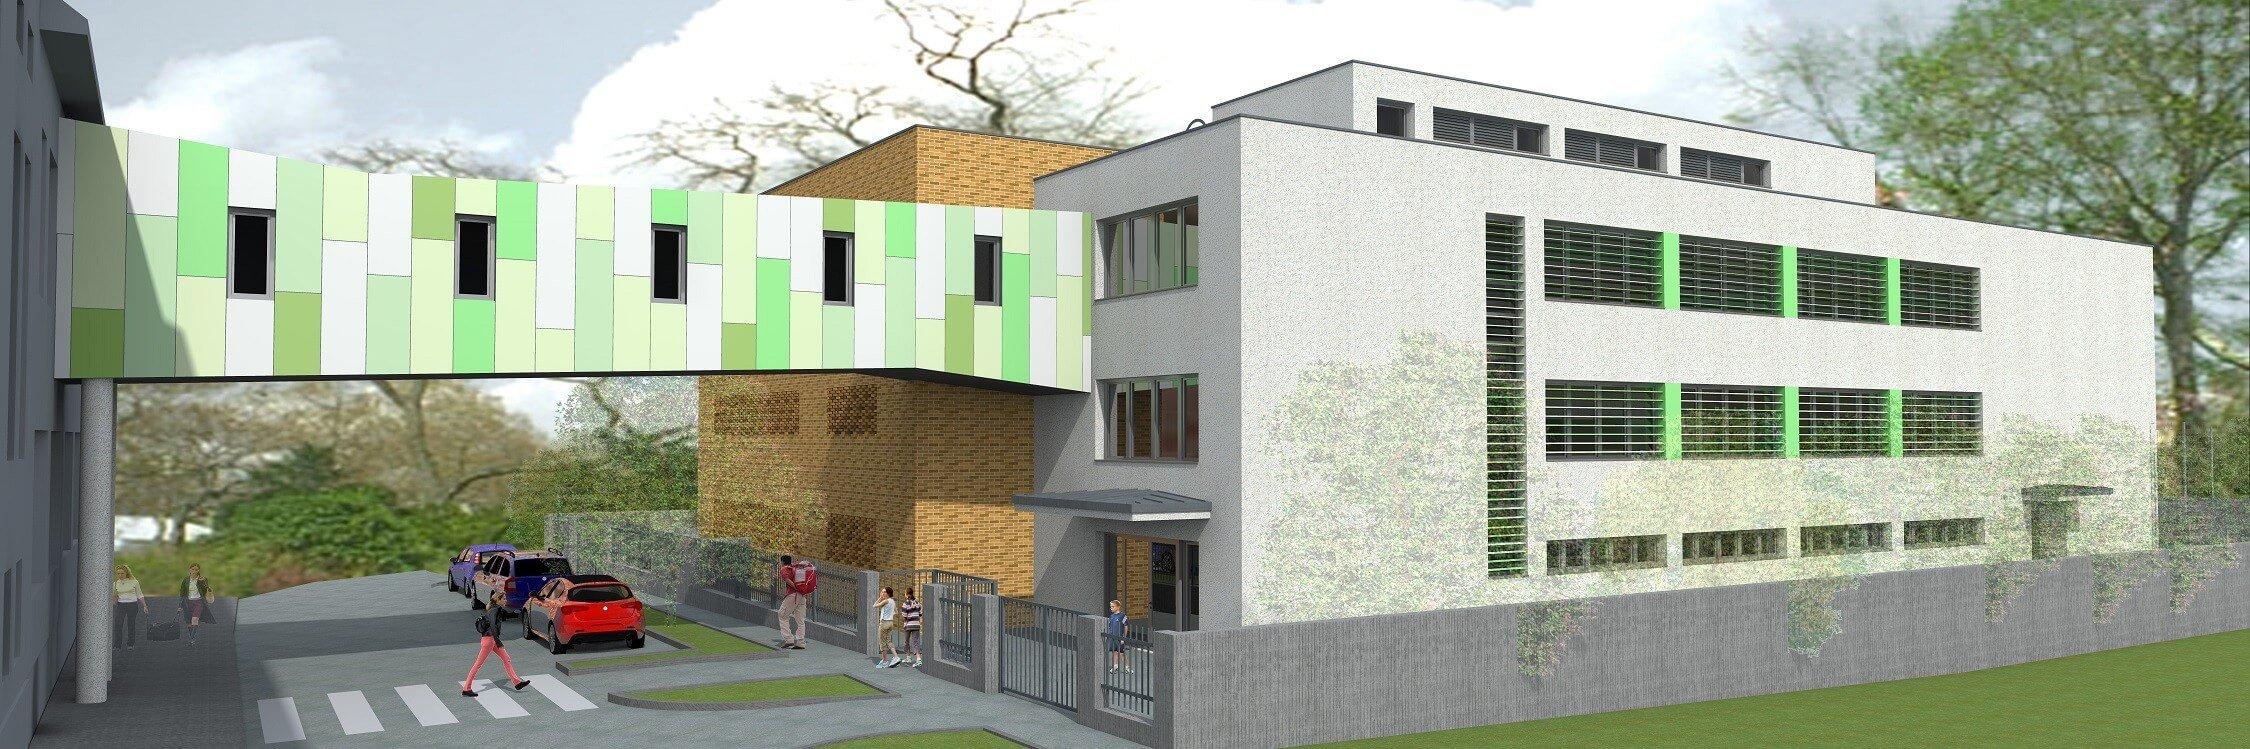 Új szárnnyal bővül az érdi Marianum iskola